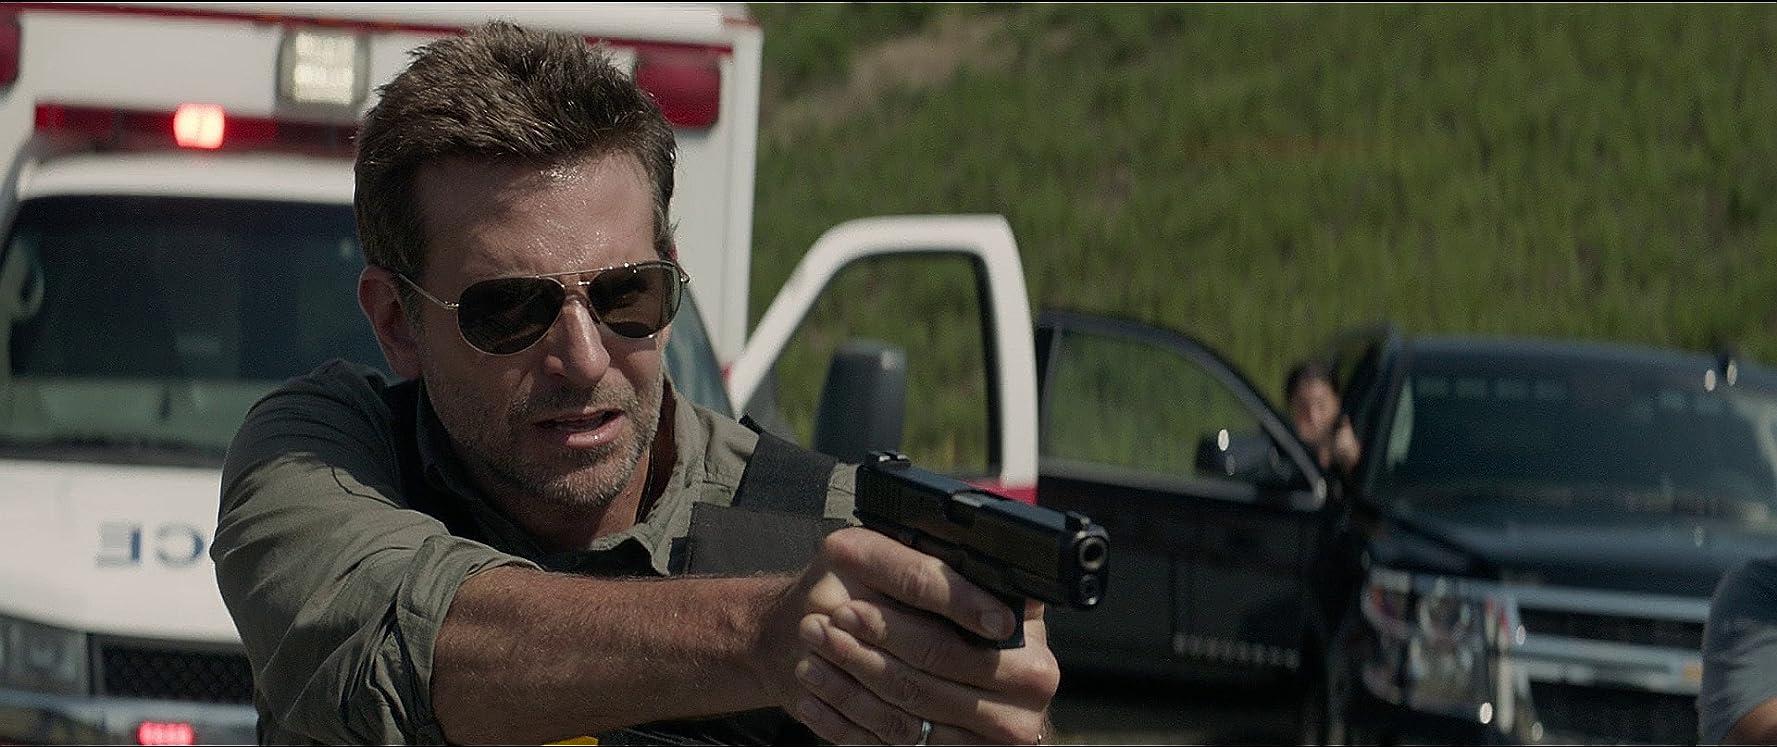 Bradley Cooper in The Mule (2018)